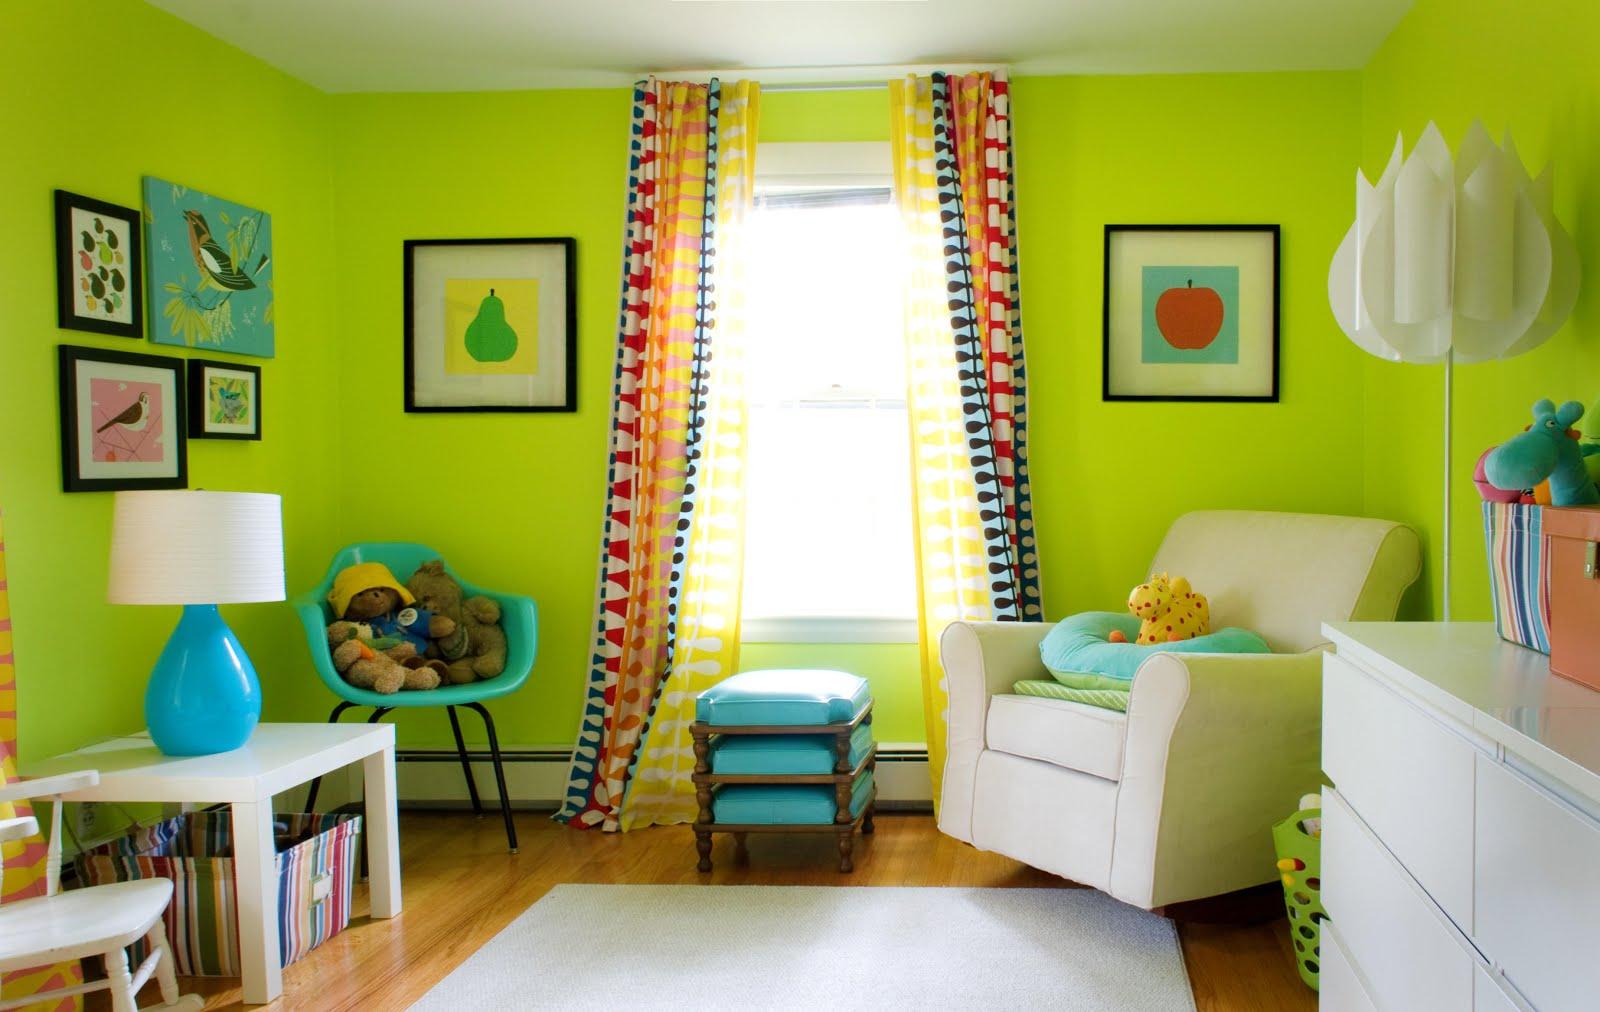 Cum sa zugravesti camerele din casa in functie de psihologia culorii